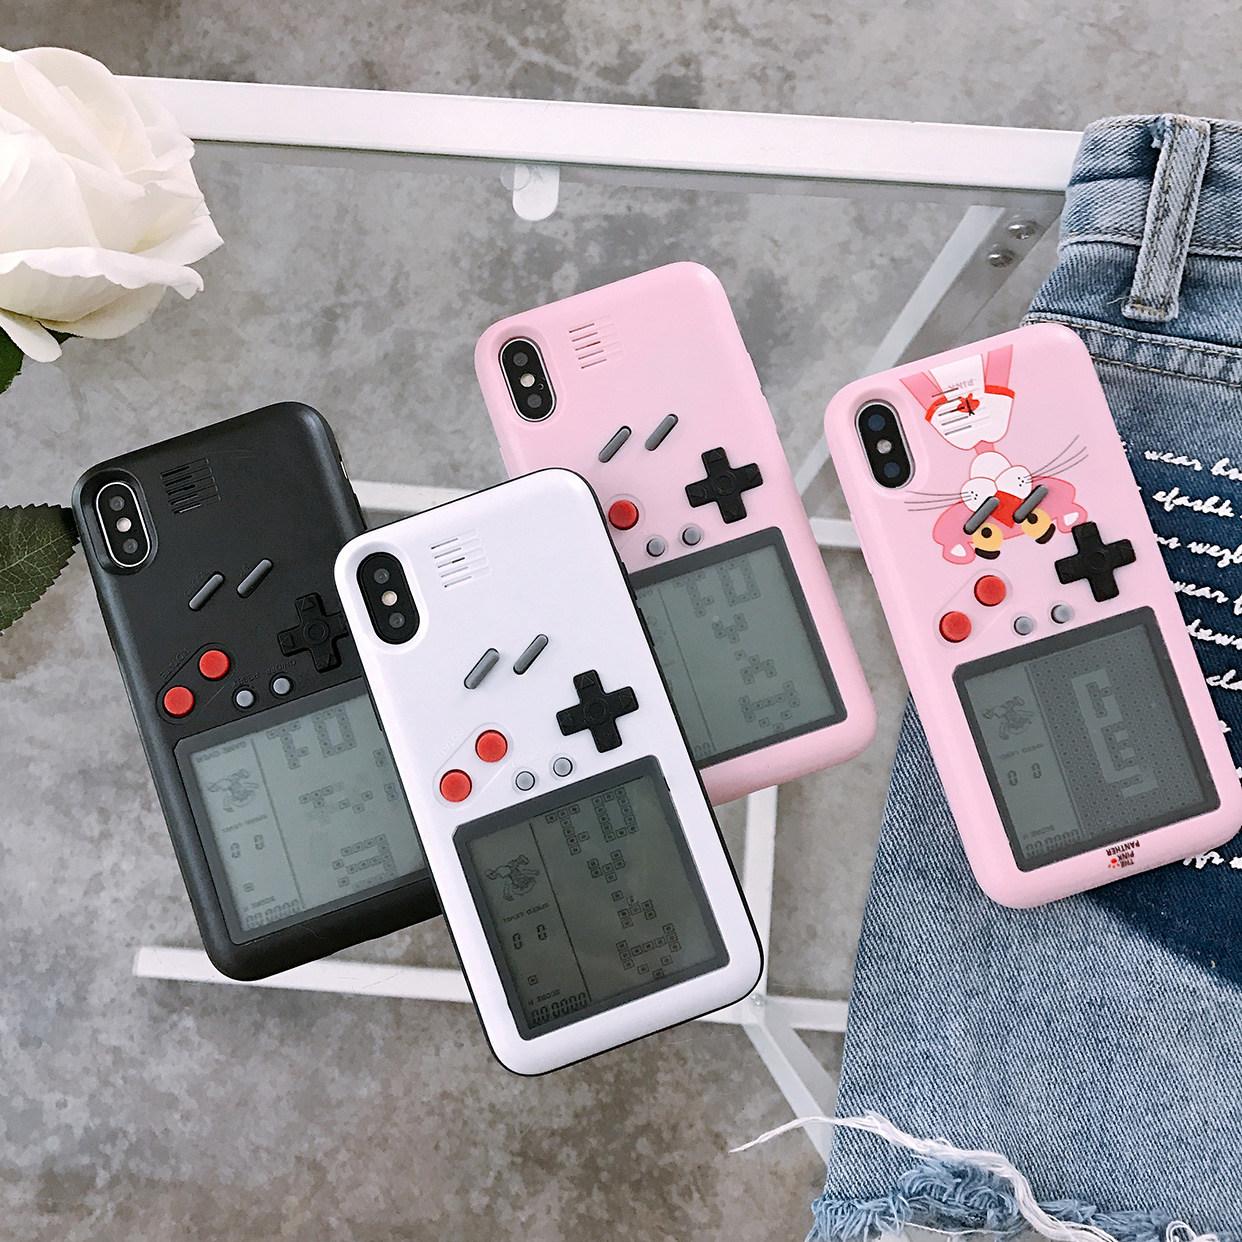 满68.00元可用48.01元优惠券ins网红粉红豹X游戏机iphone 8plus俄罗斯方块手机壳xs Max苹果